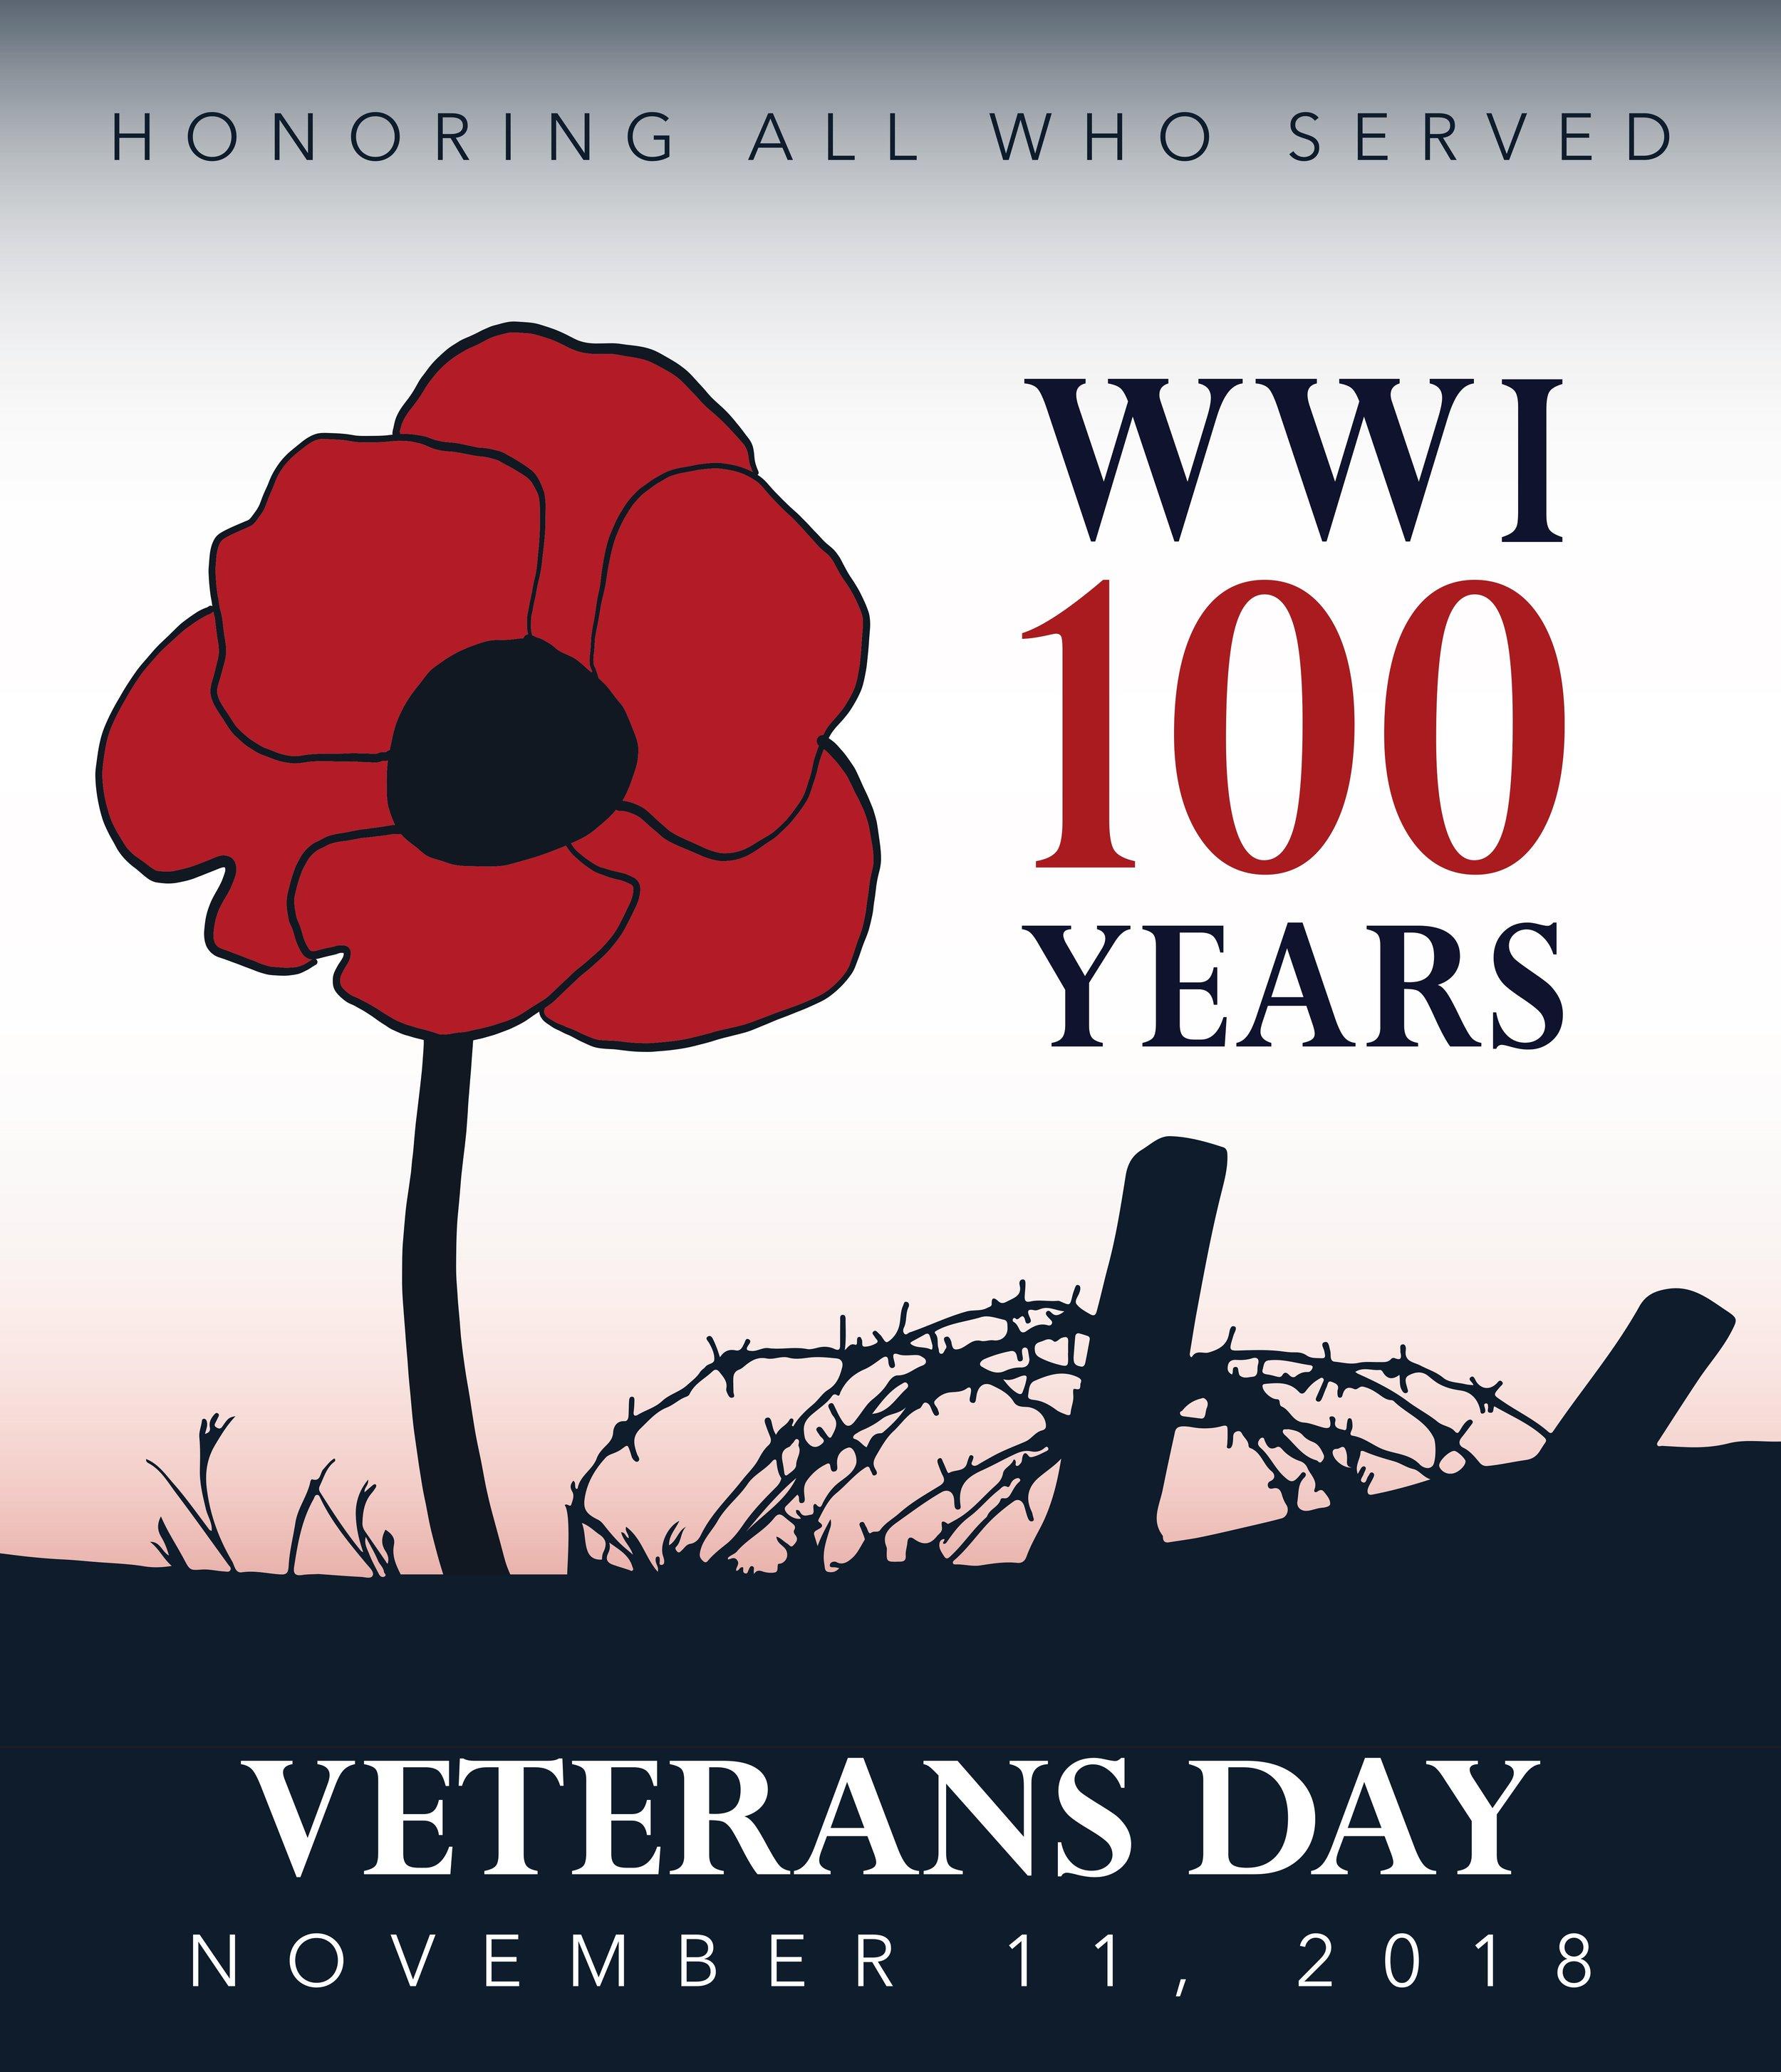 Veterans_Day_poster_2018.jpg